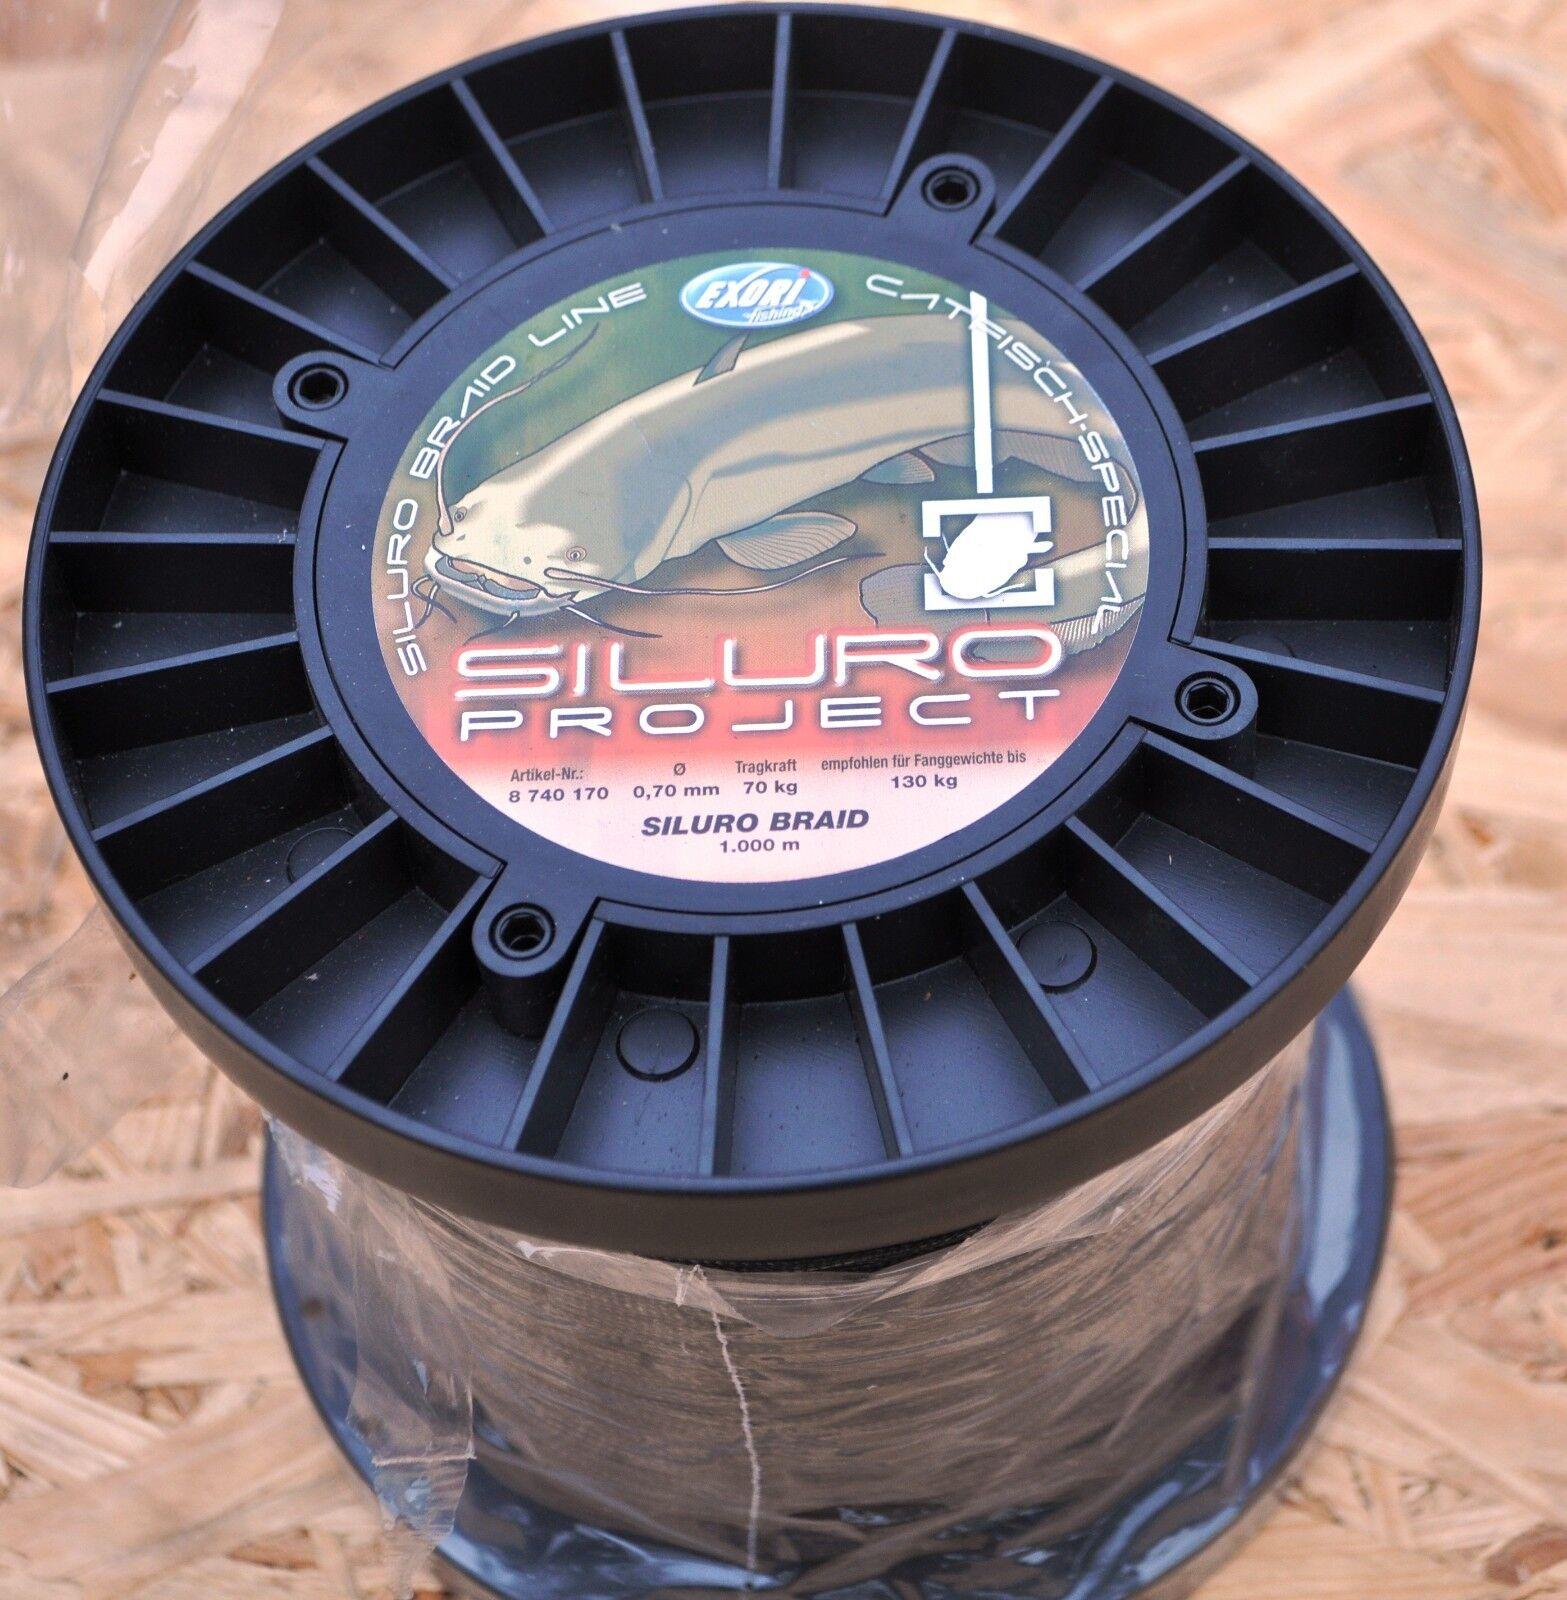 Wallerpaket  6 1000 meter Welsschnur 0,70mm Siluro Projekt Wallerschnur Exori